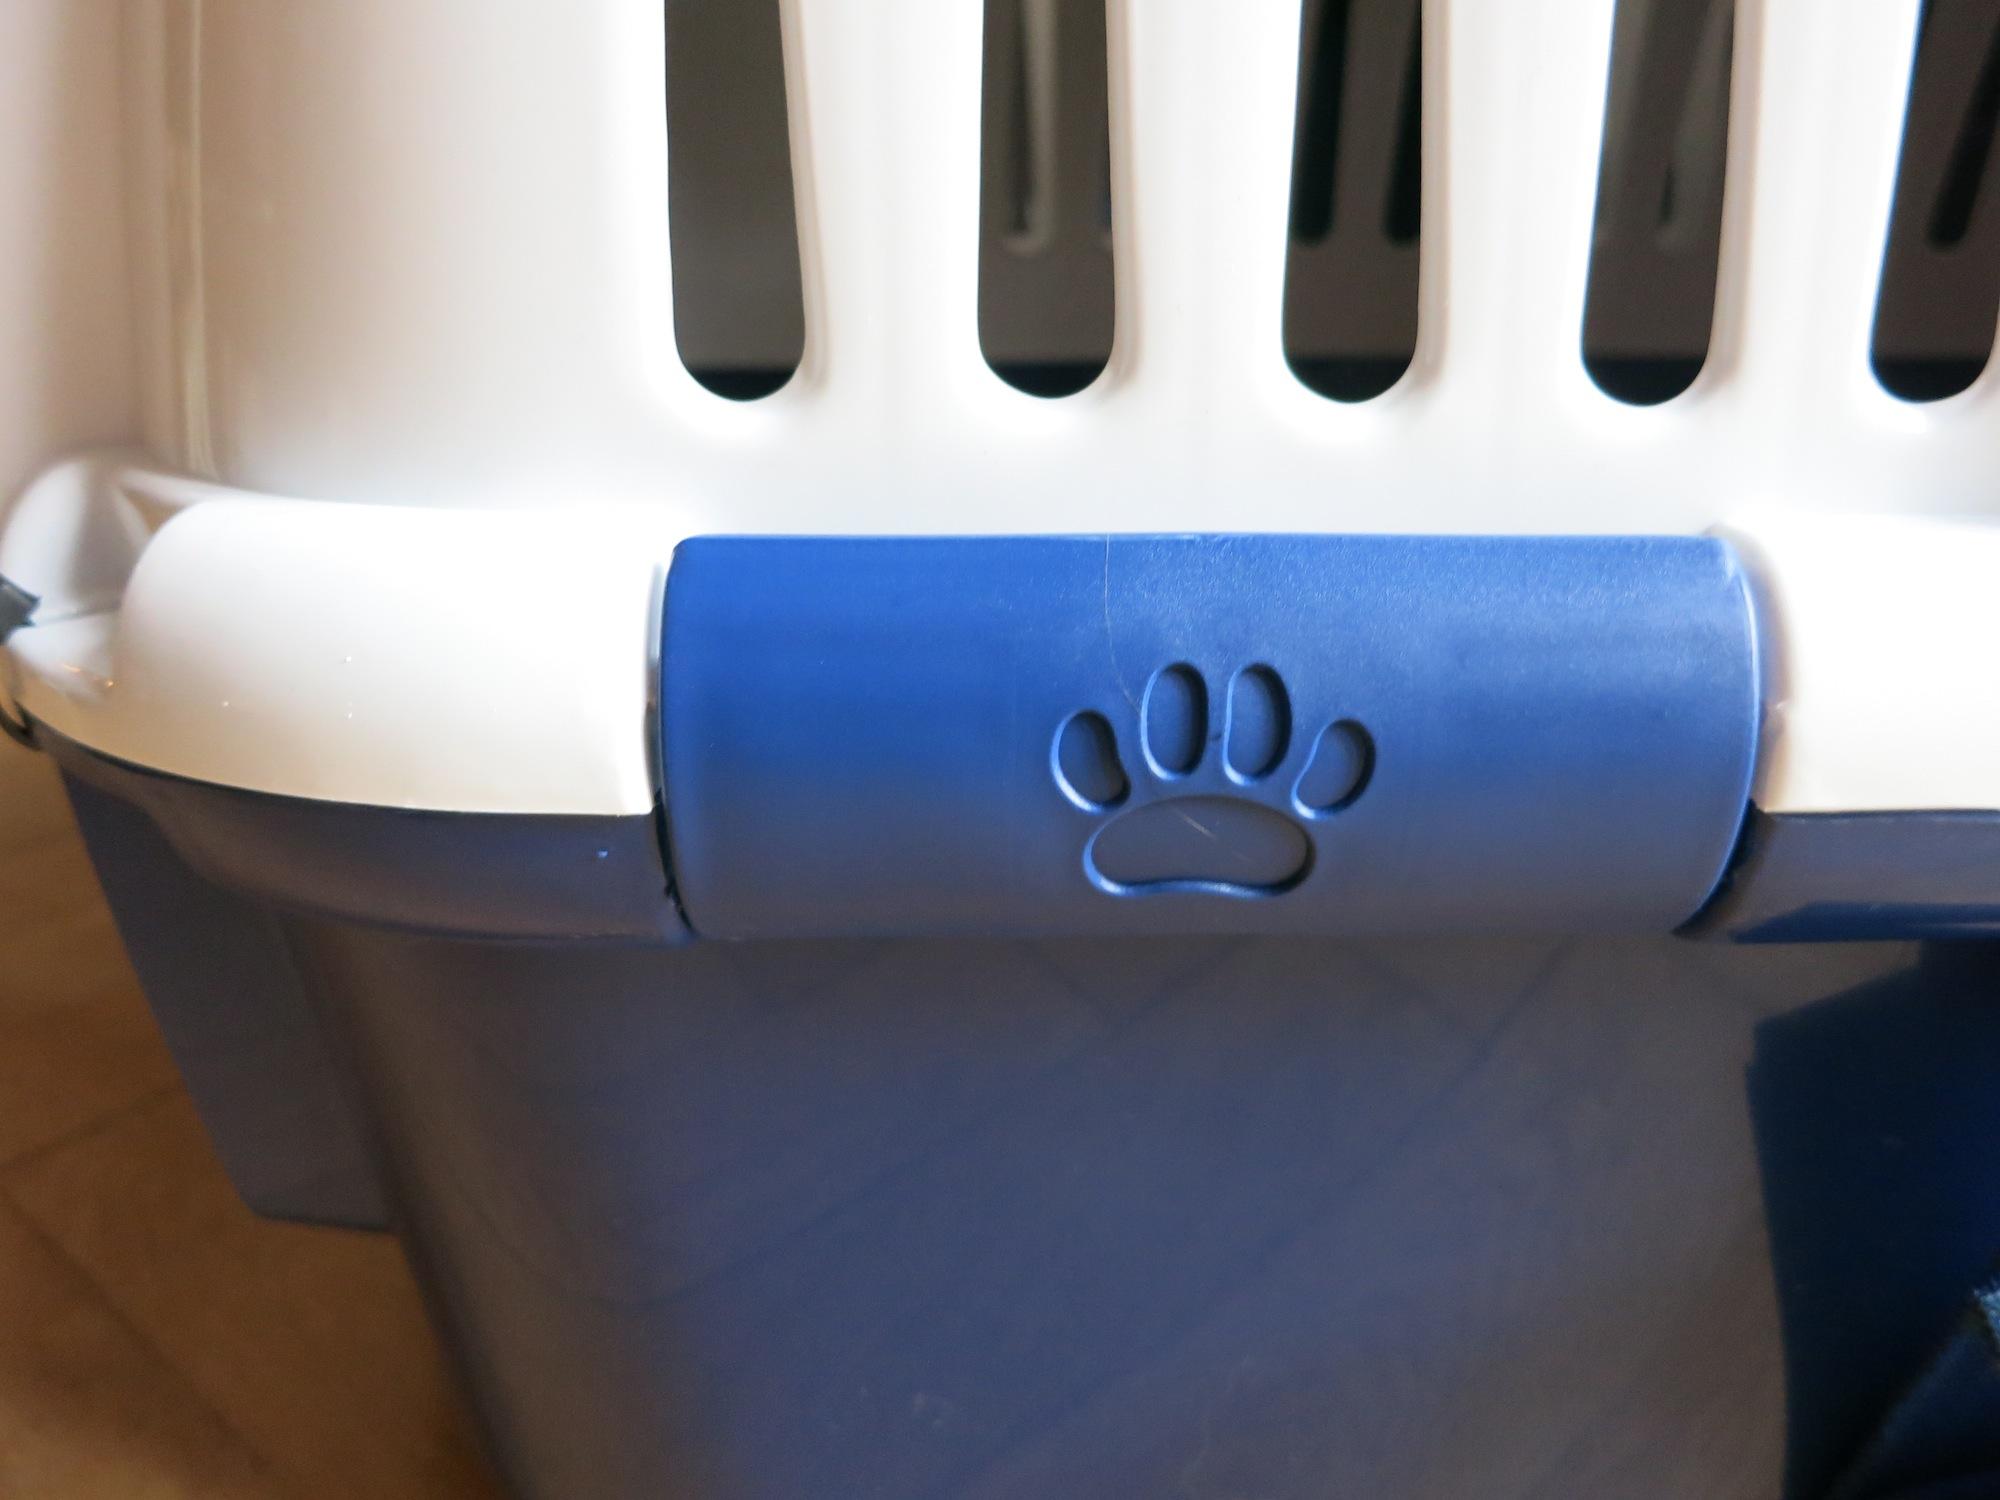 Die Katzentransportbox für Flüge sichern – @GillyBerlin